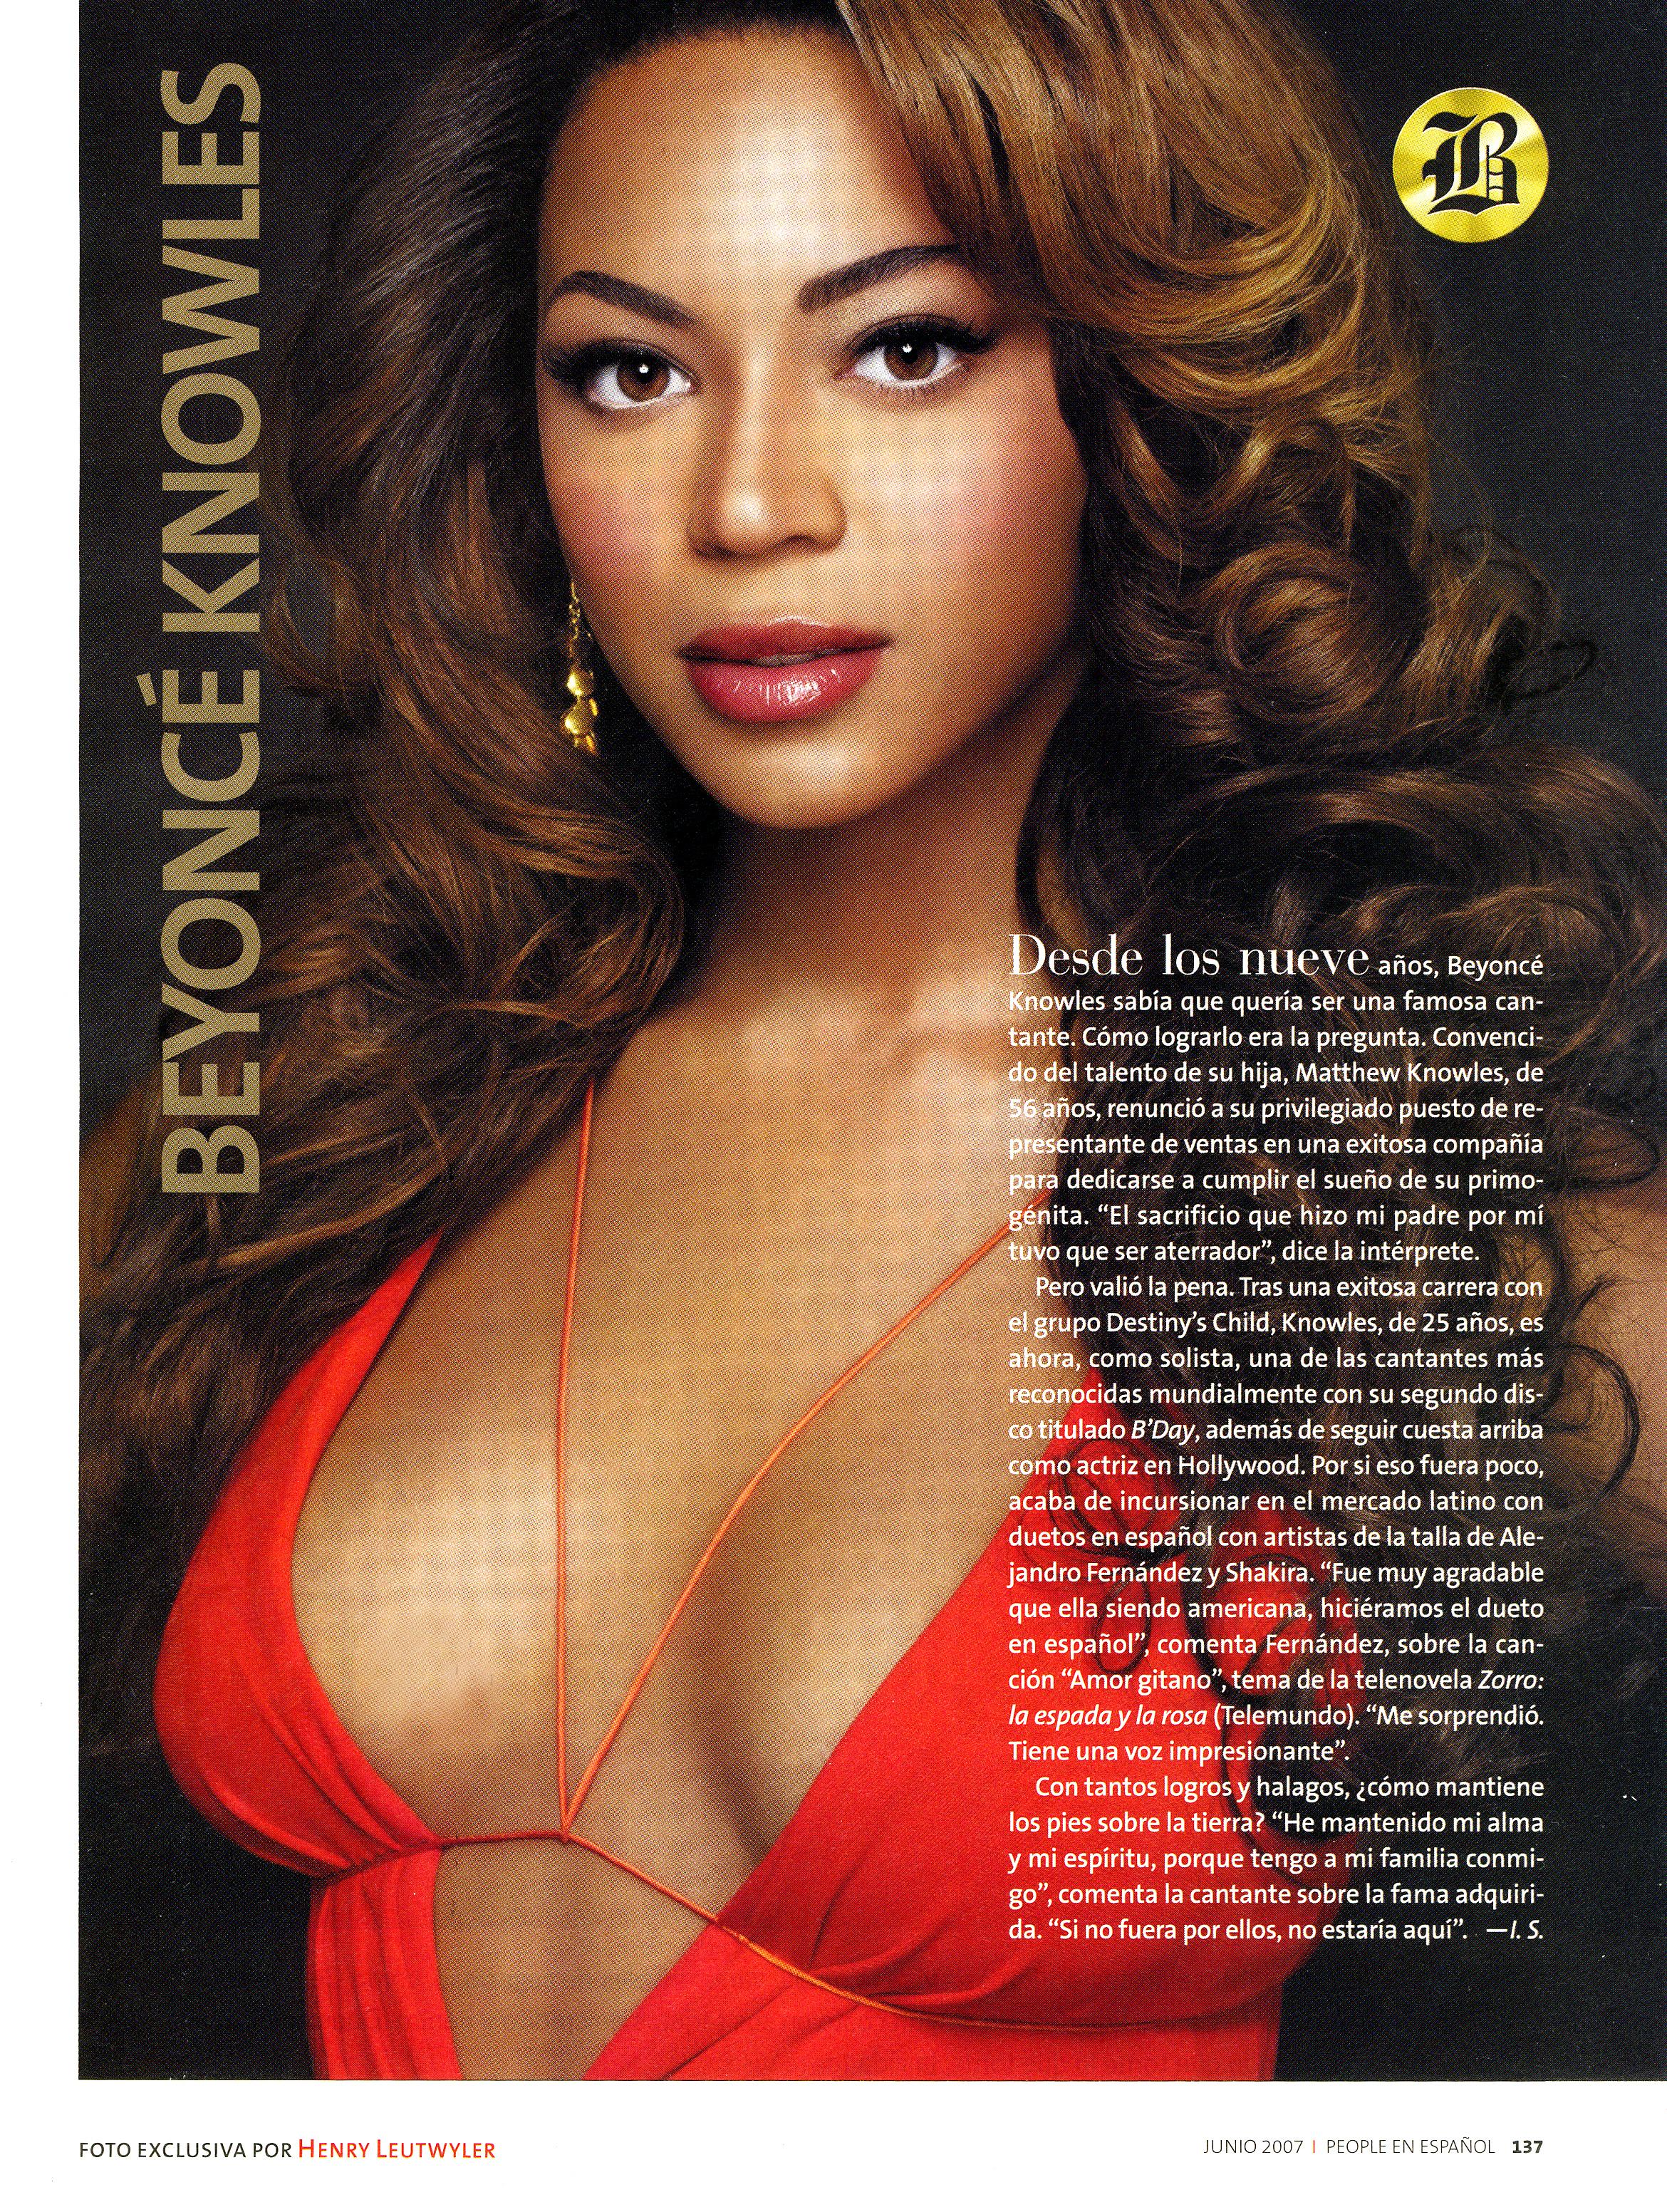 IMAGE 4_PESP_Beyonce.jpg